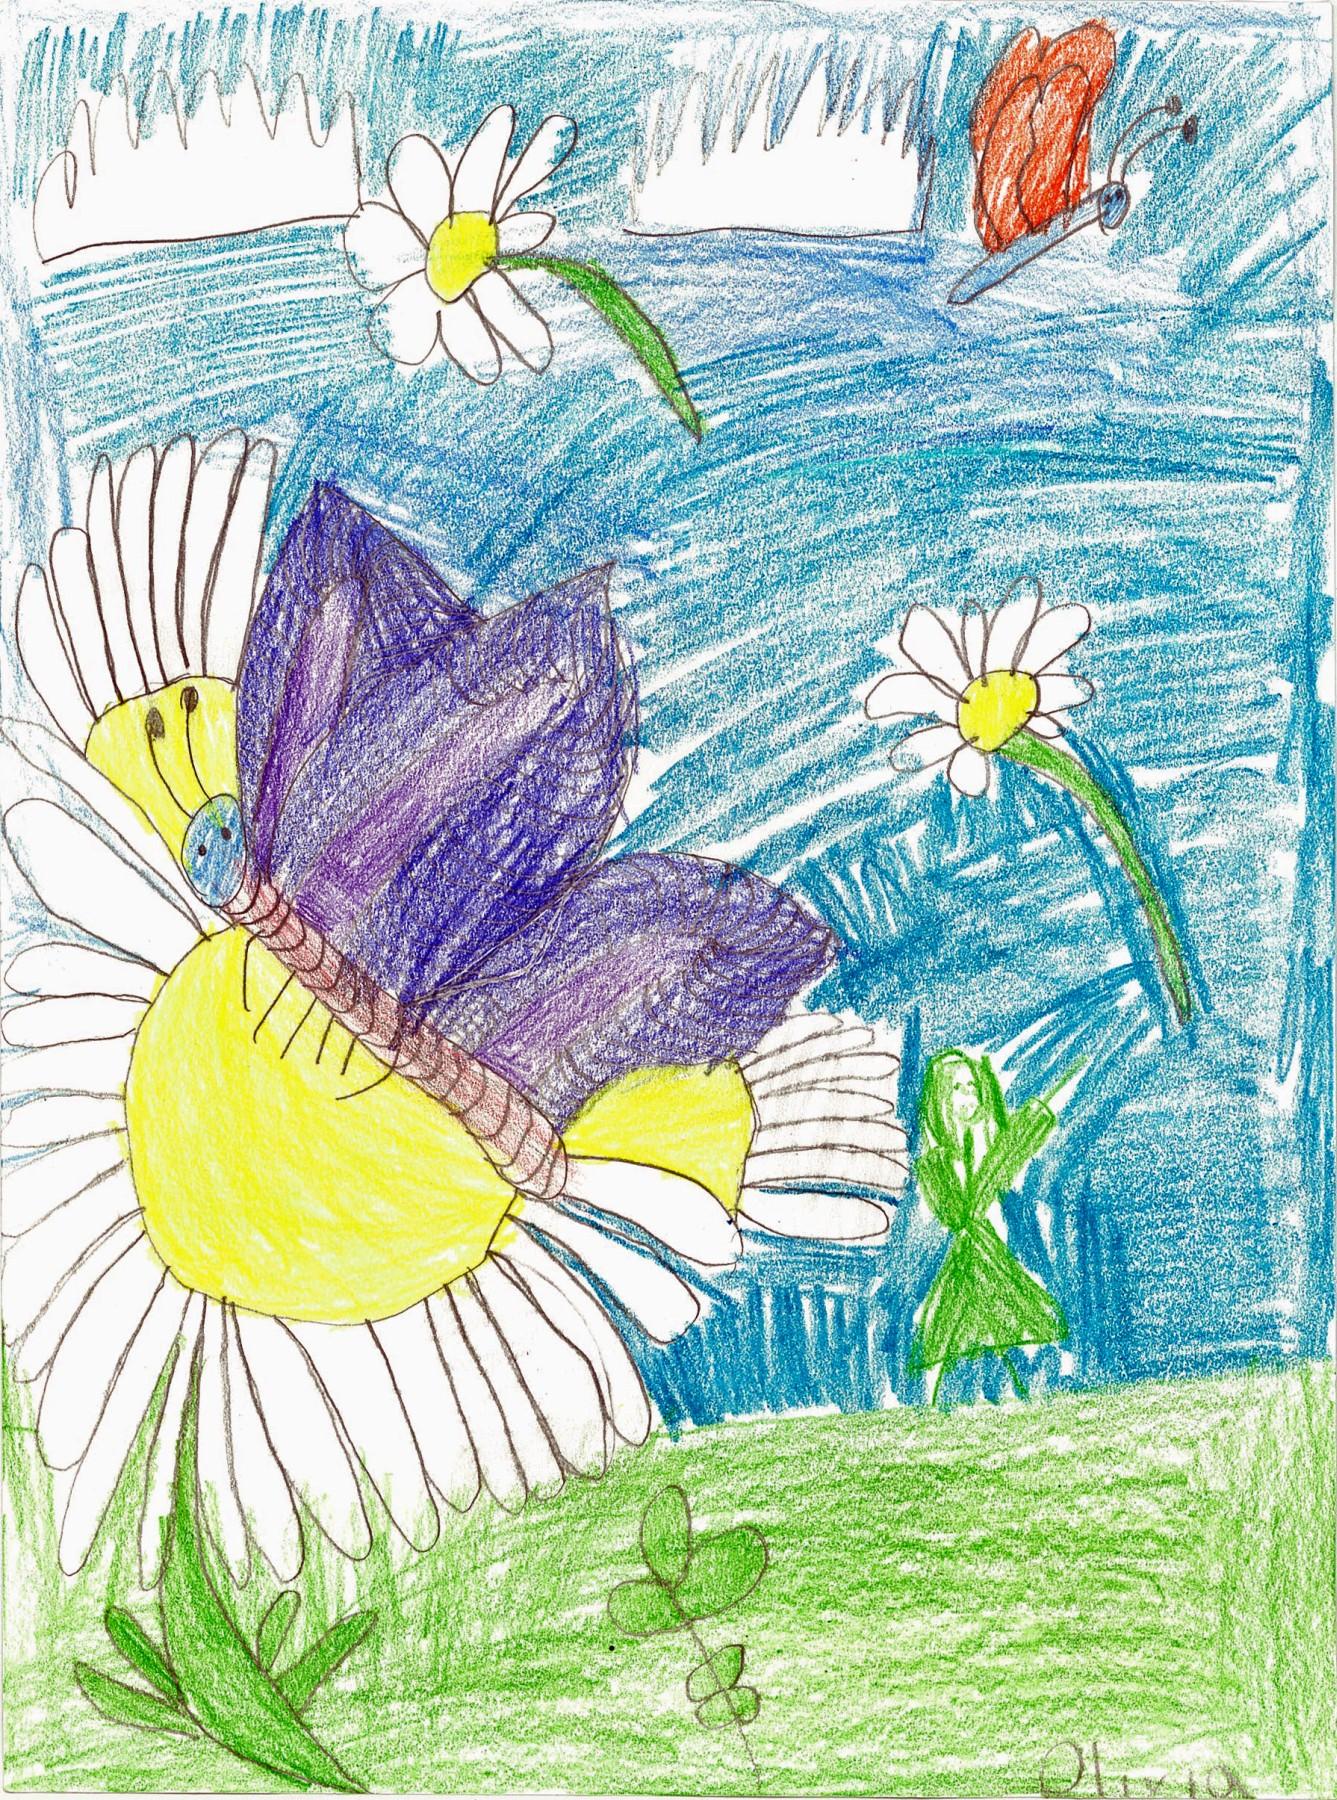 Olivia Lane - Age 7